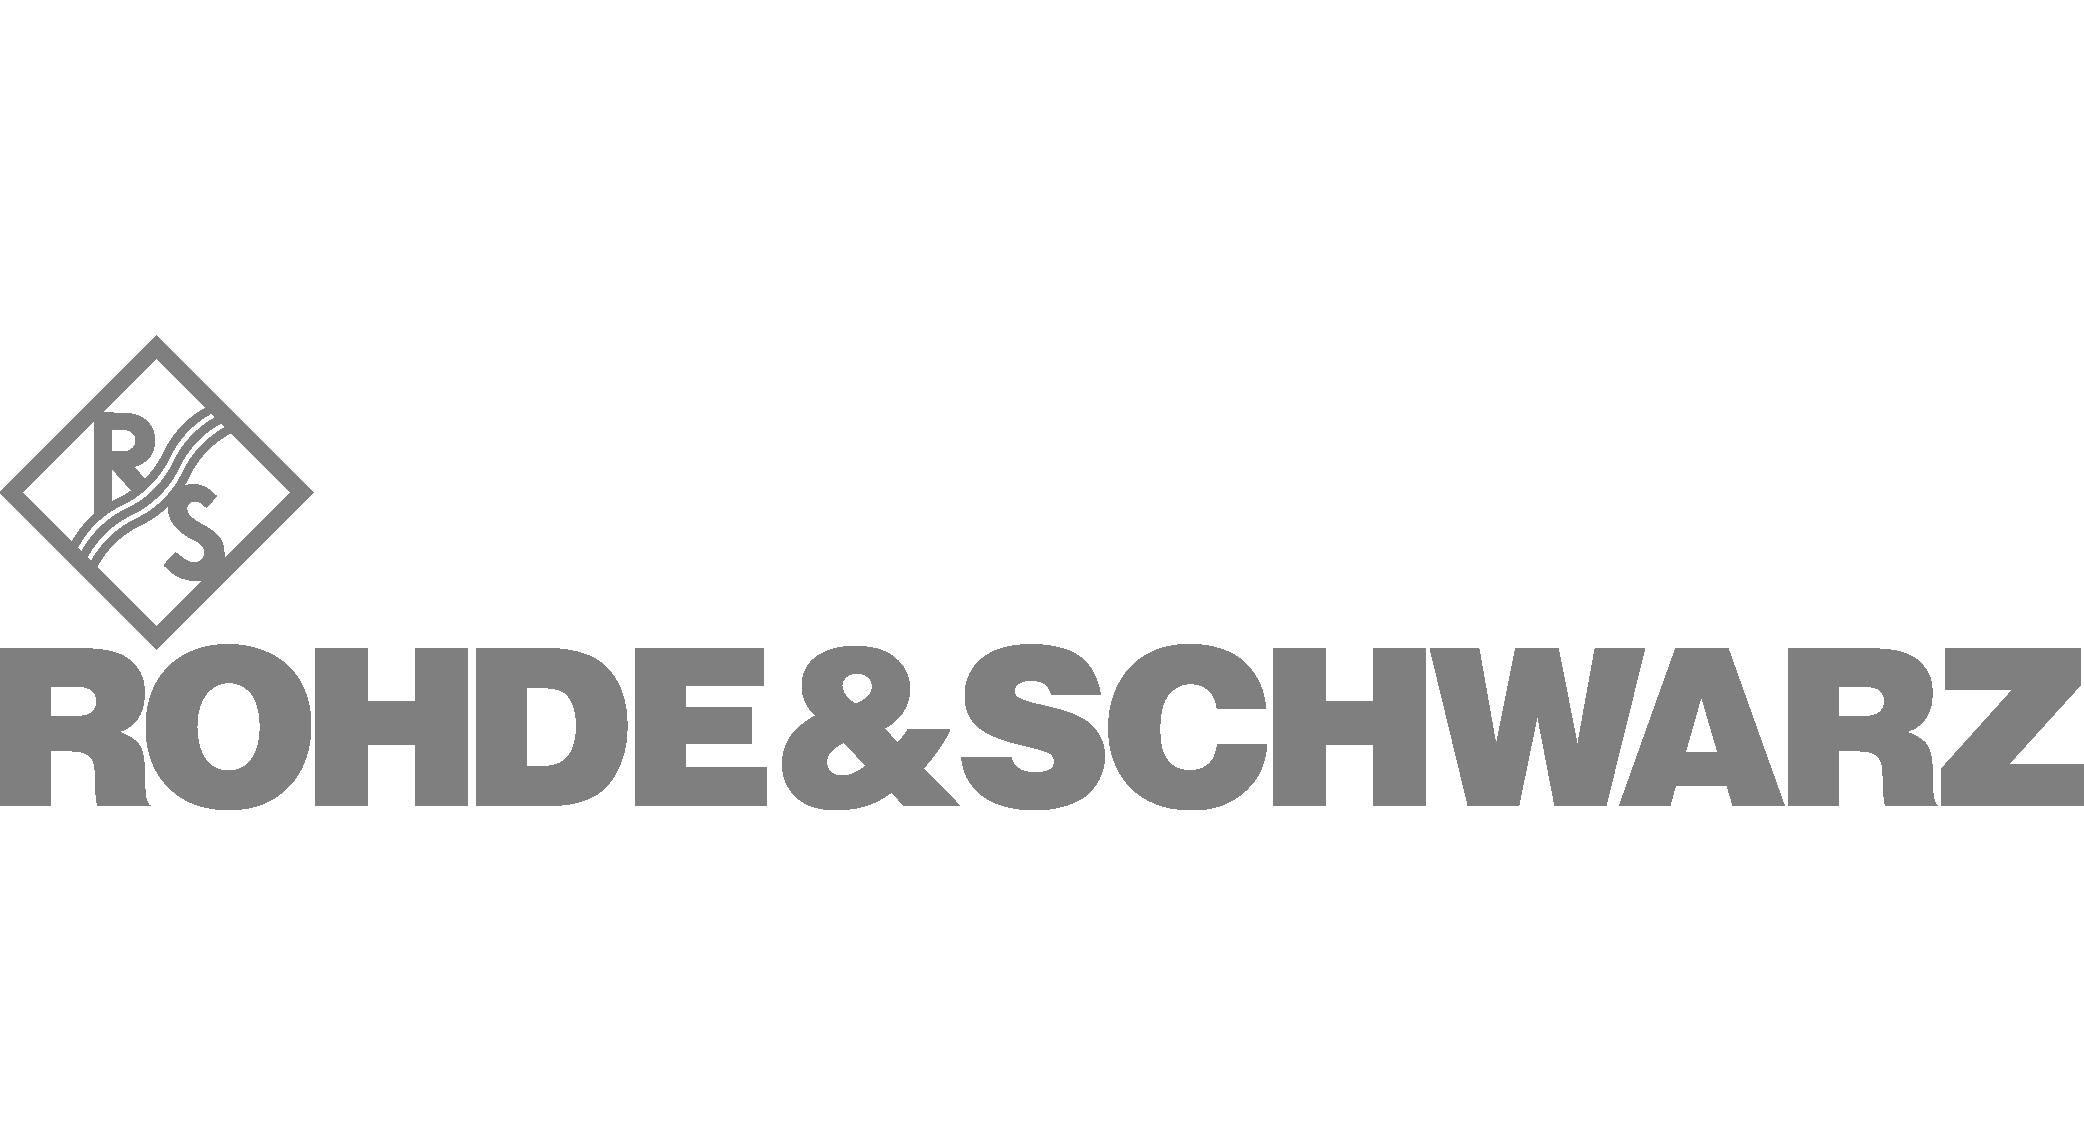 Rohde & Schwartz Logo